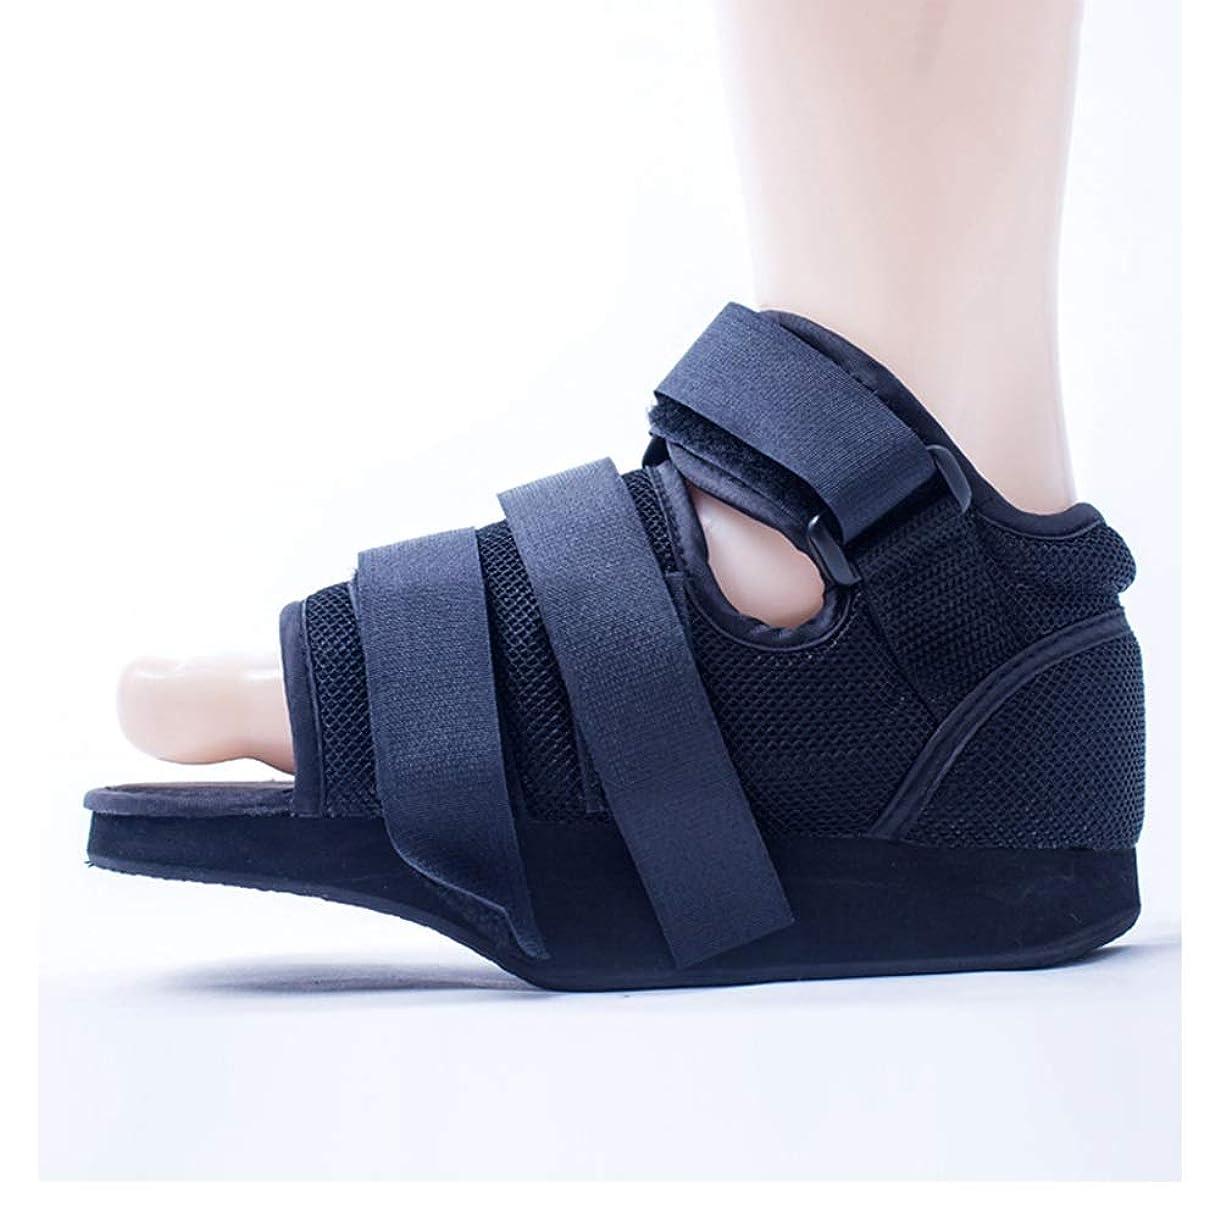 コンサルタントフラフープ思いやりのある壊れたつま先/足の骨折のための術後スクエアトゥウォーキングシューズ - ボトムキャストシューズ術後の靴 - 調節可能な医療ウォーキングブーツ (Size : L)